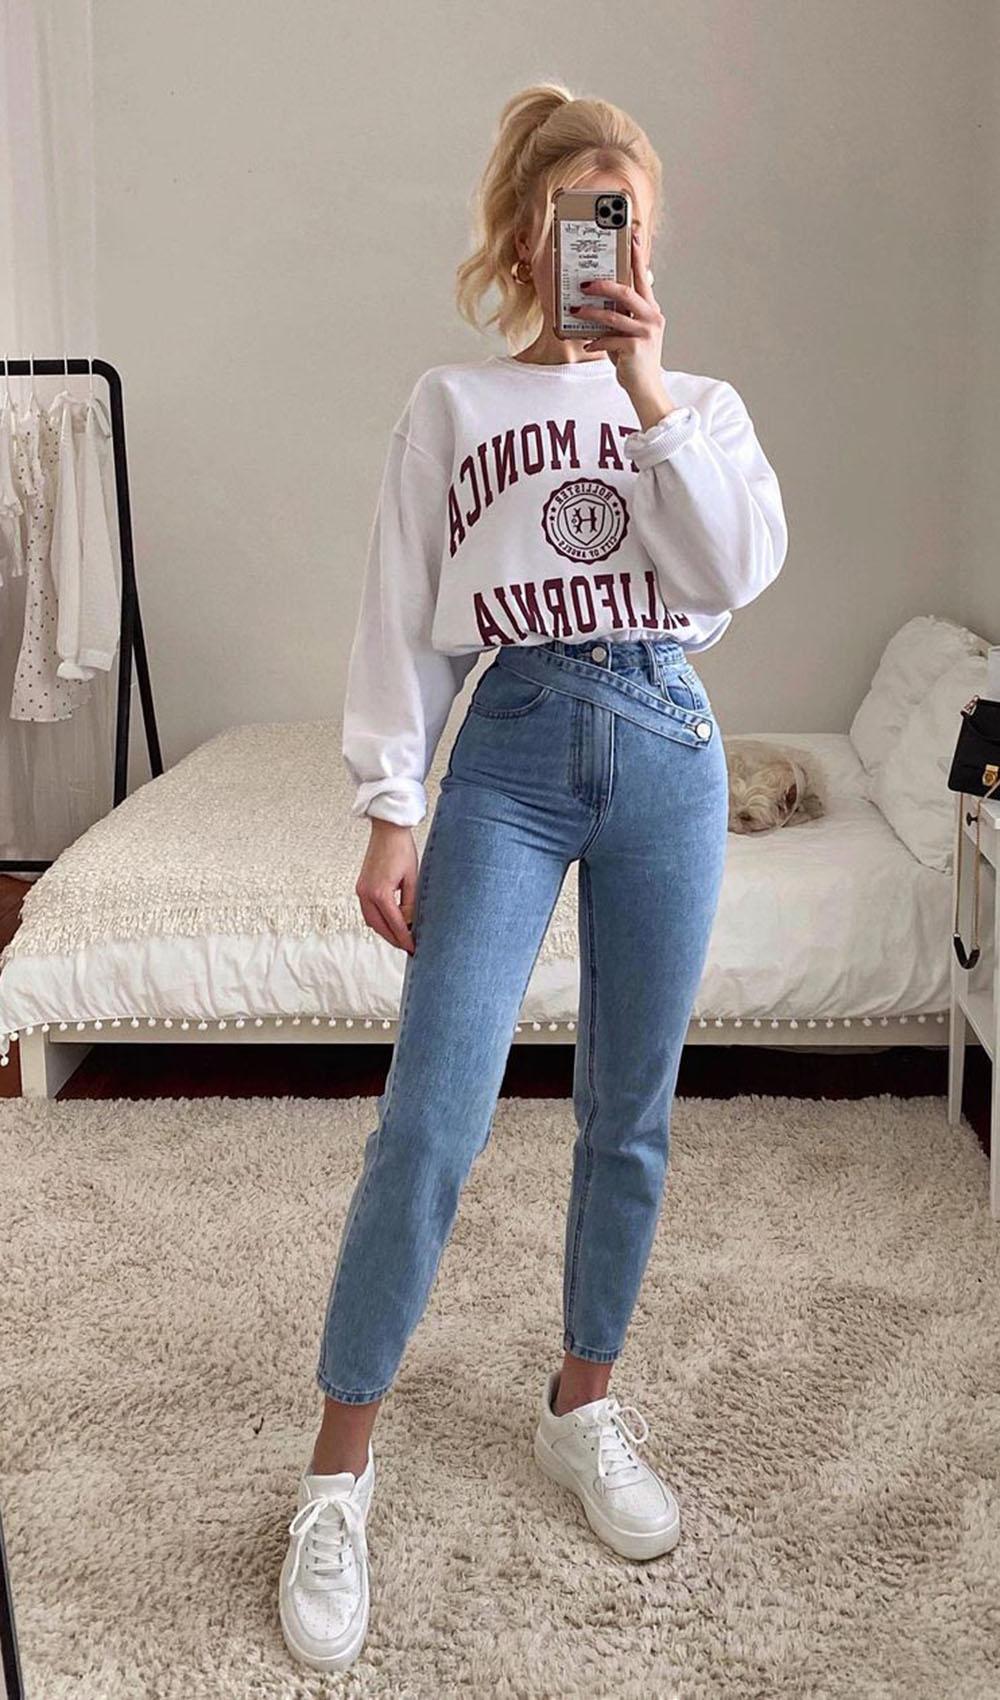 blusa de moletom branca, mom jeans e tênis branco